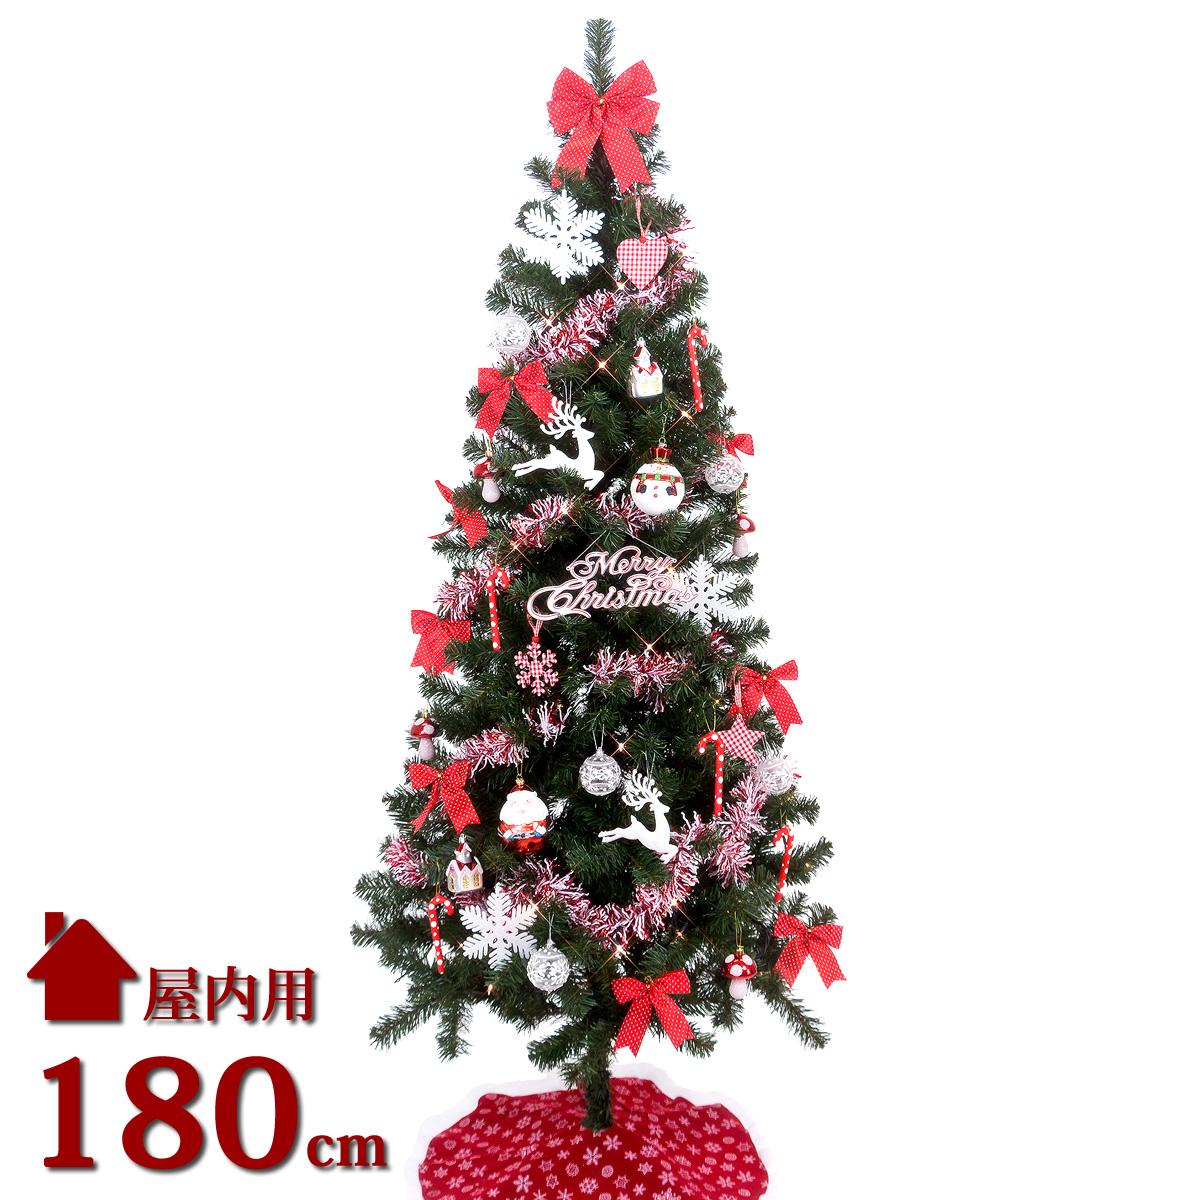 クリスマスツリーセット 180cm LED ノルディック ツリーセット オーナメント付きクリスマスツリー 北欧 おしゃれ